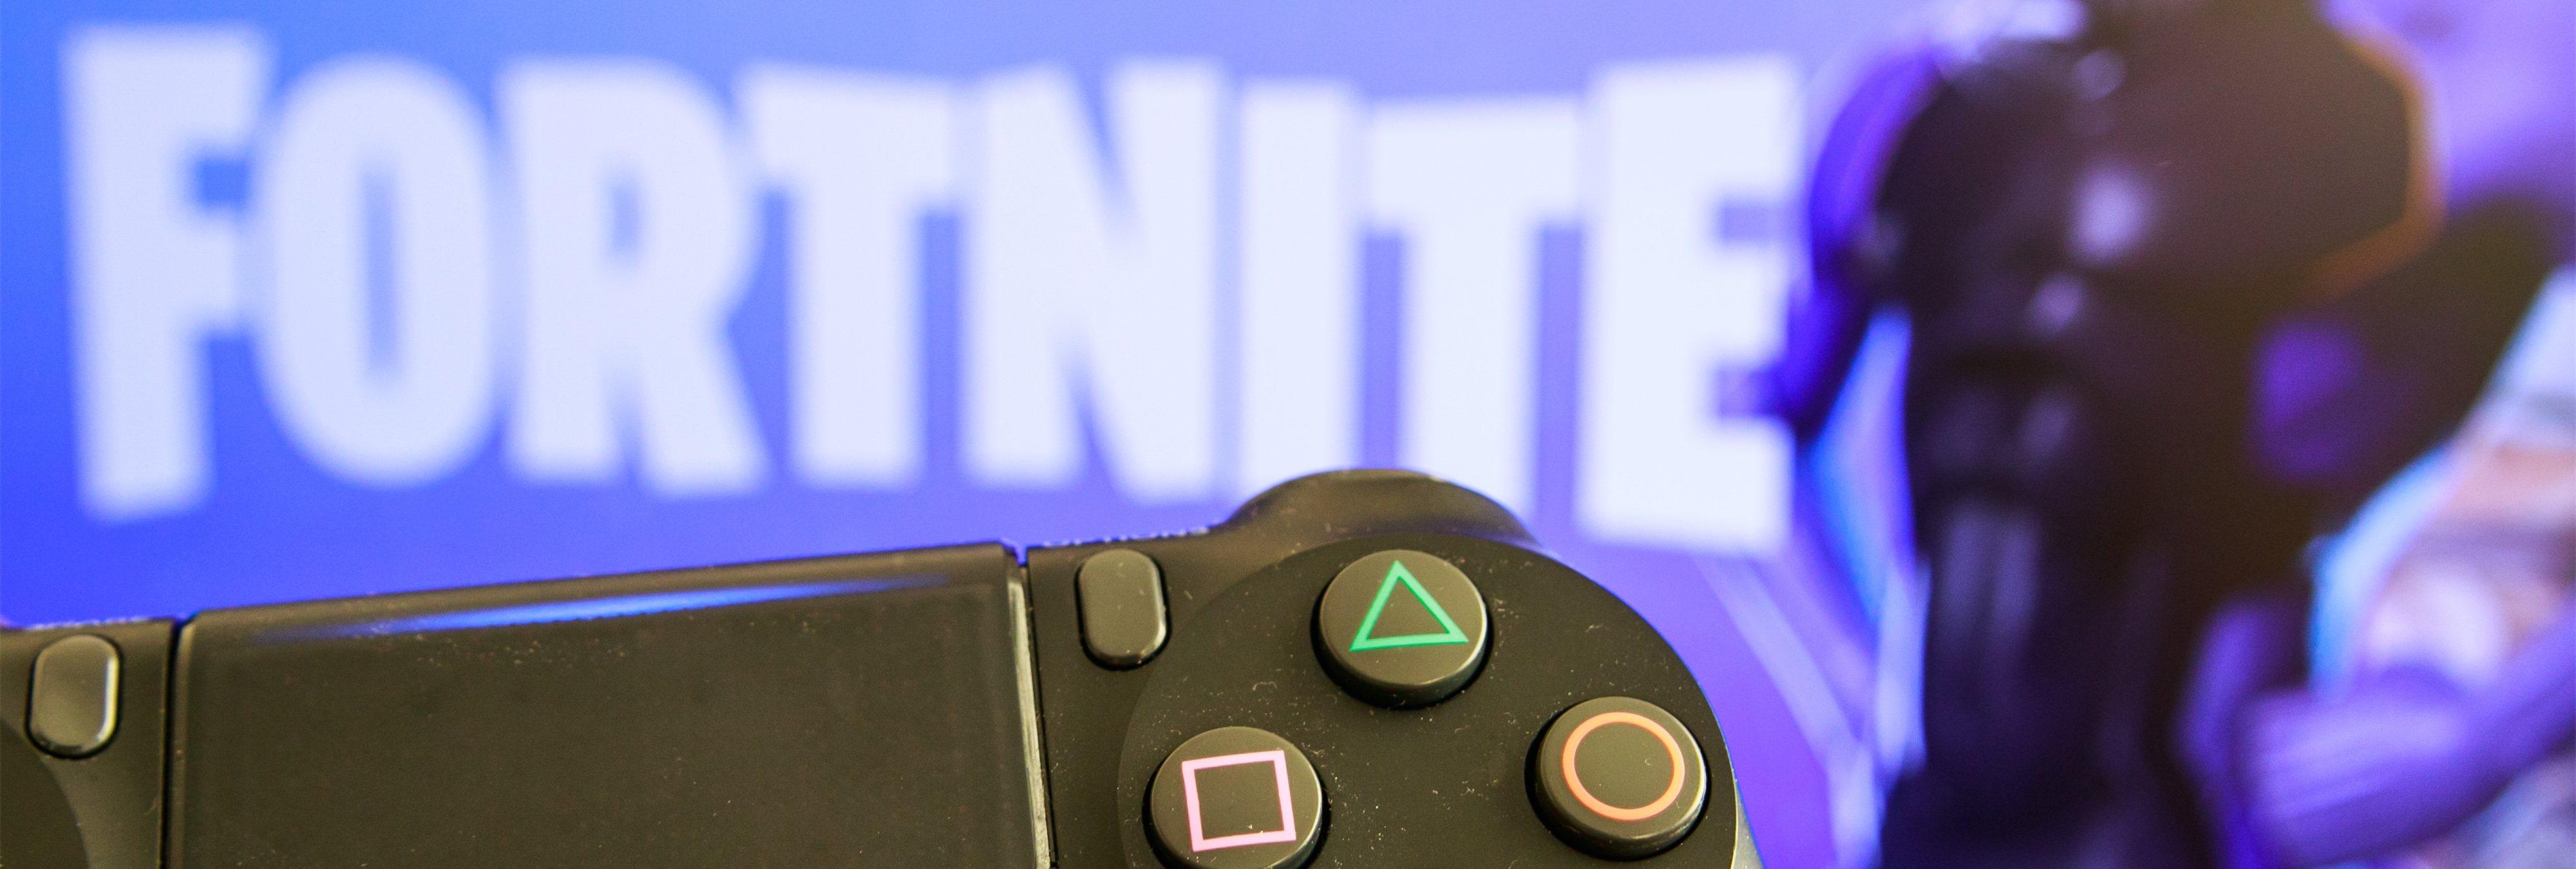 Ninja, el mejor jugador del mundo de 'Fortnite', explica porqué no juega con mujeres